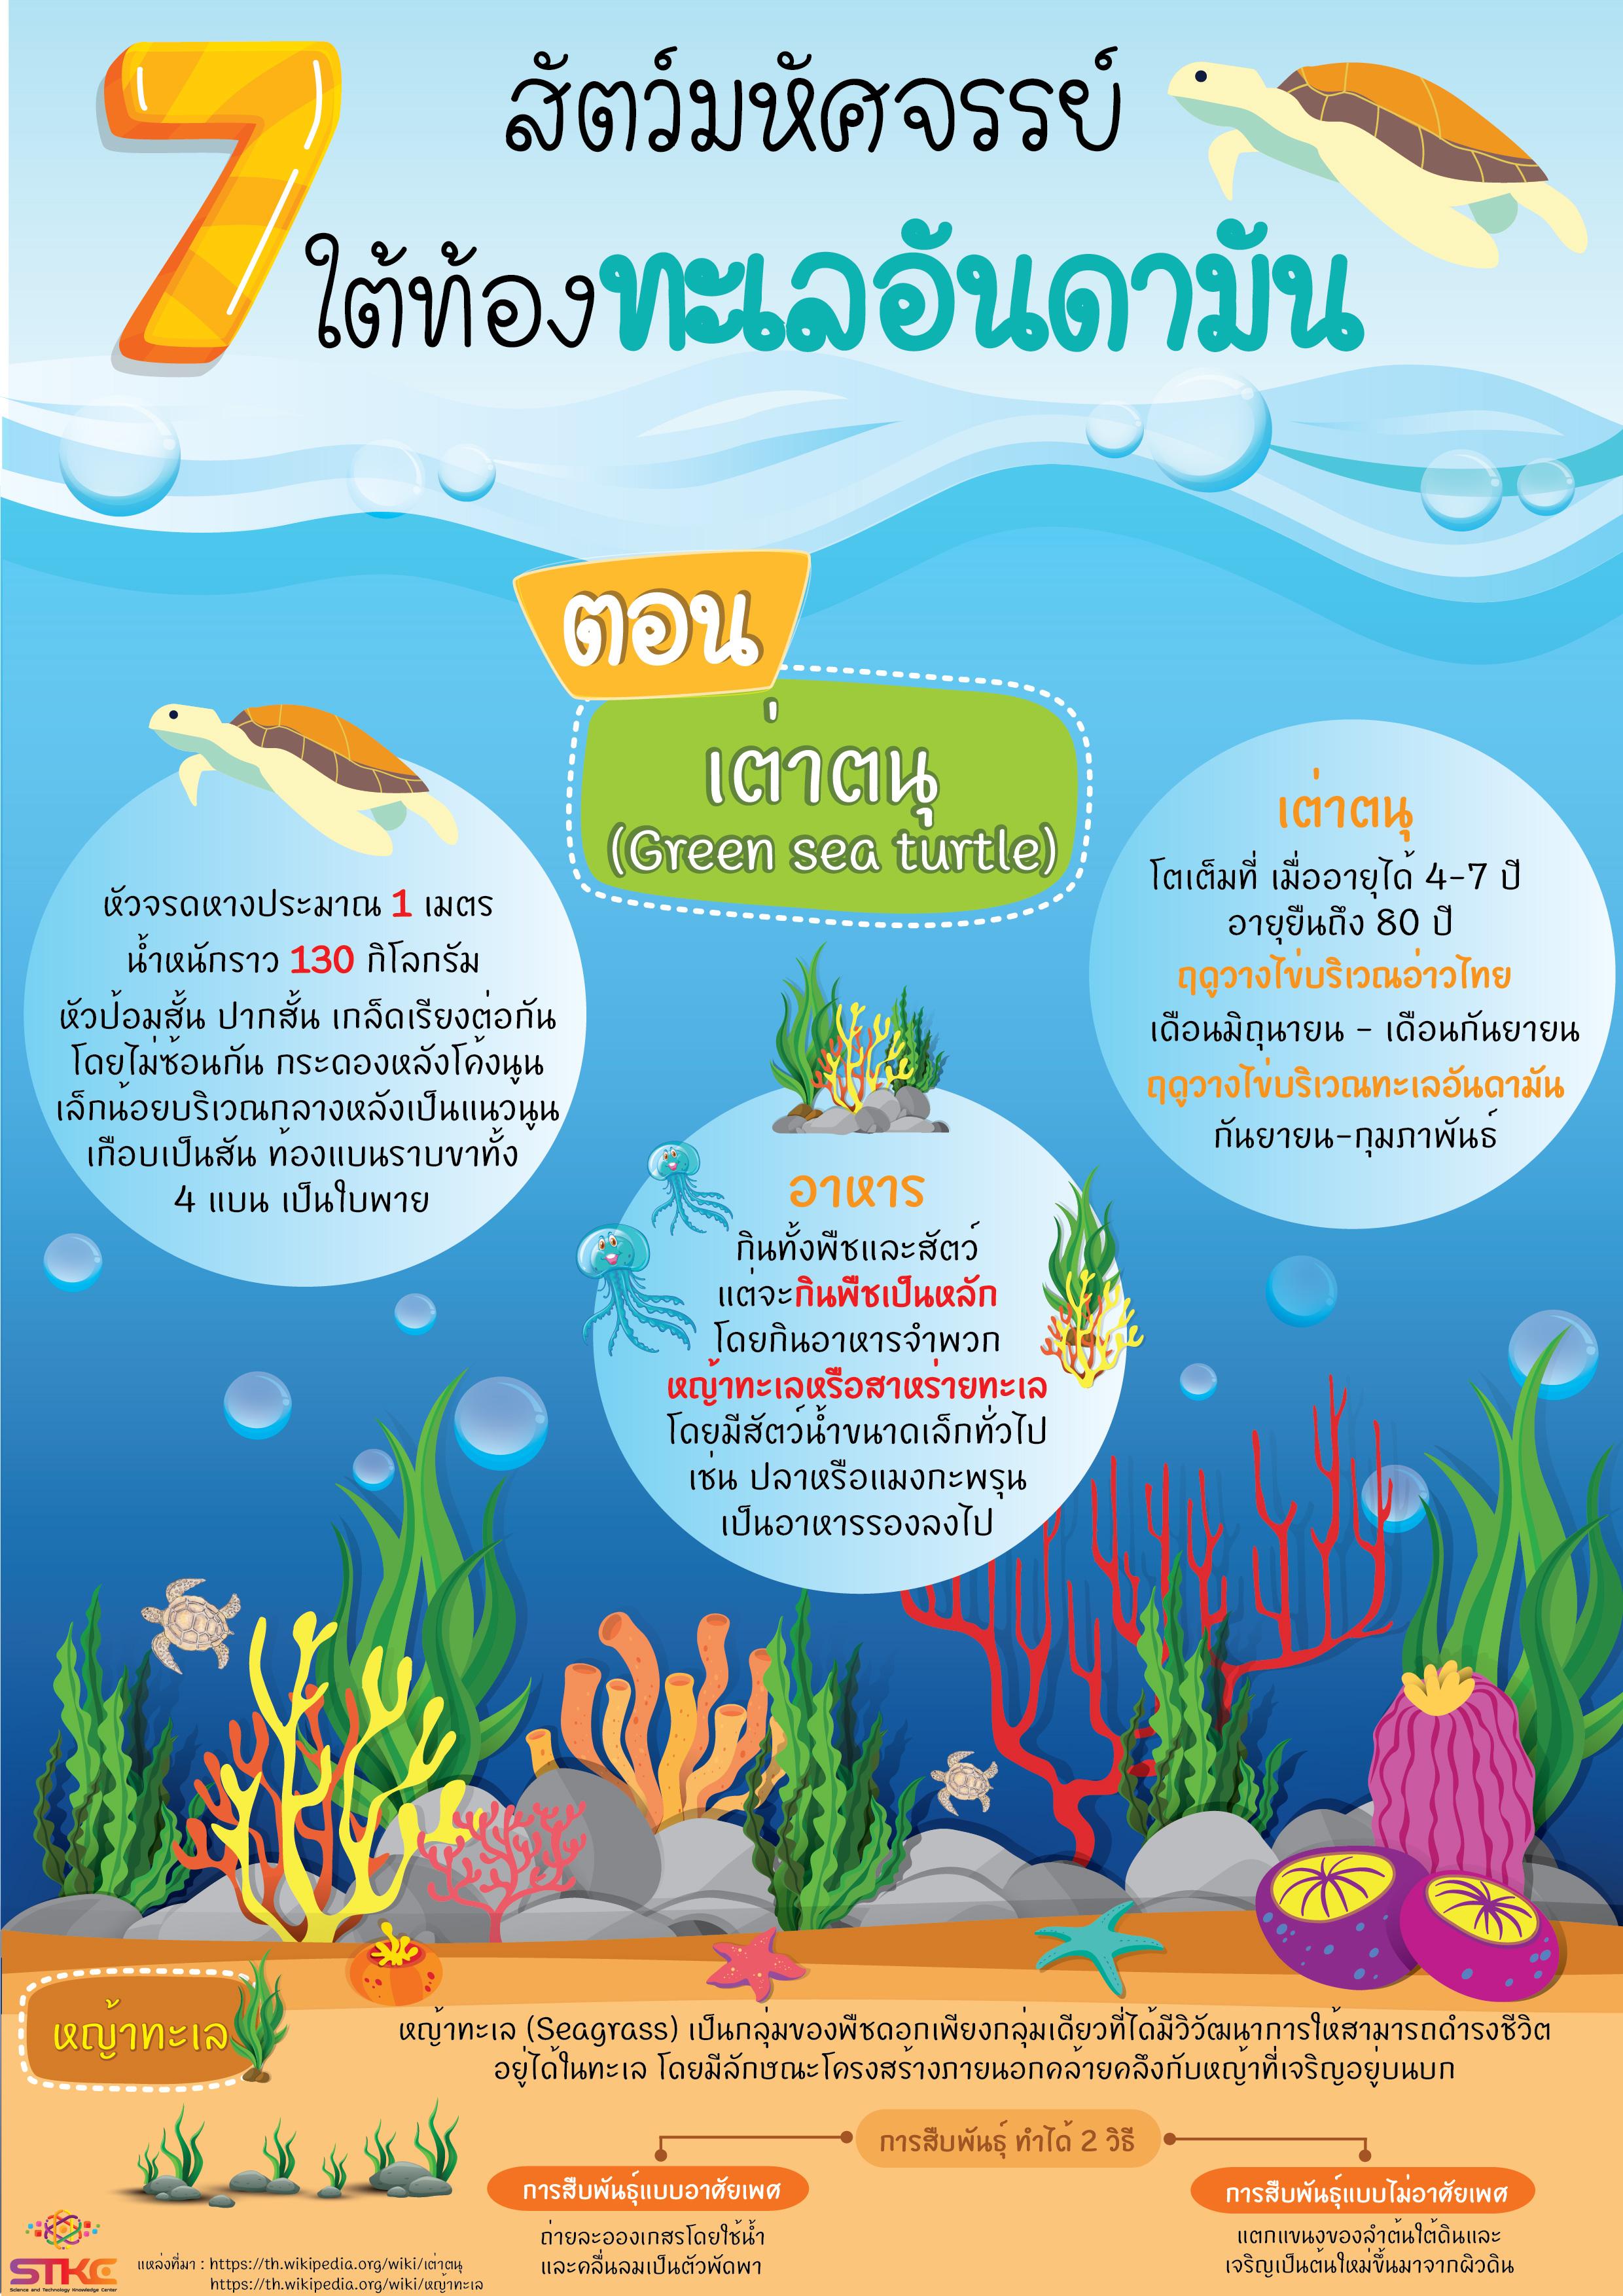 7 สัตว์มหัศจรรย์ ใต้ท้องทะเลอันดามัน ตอน เต่าตนุ  (Green sea turtle)